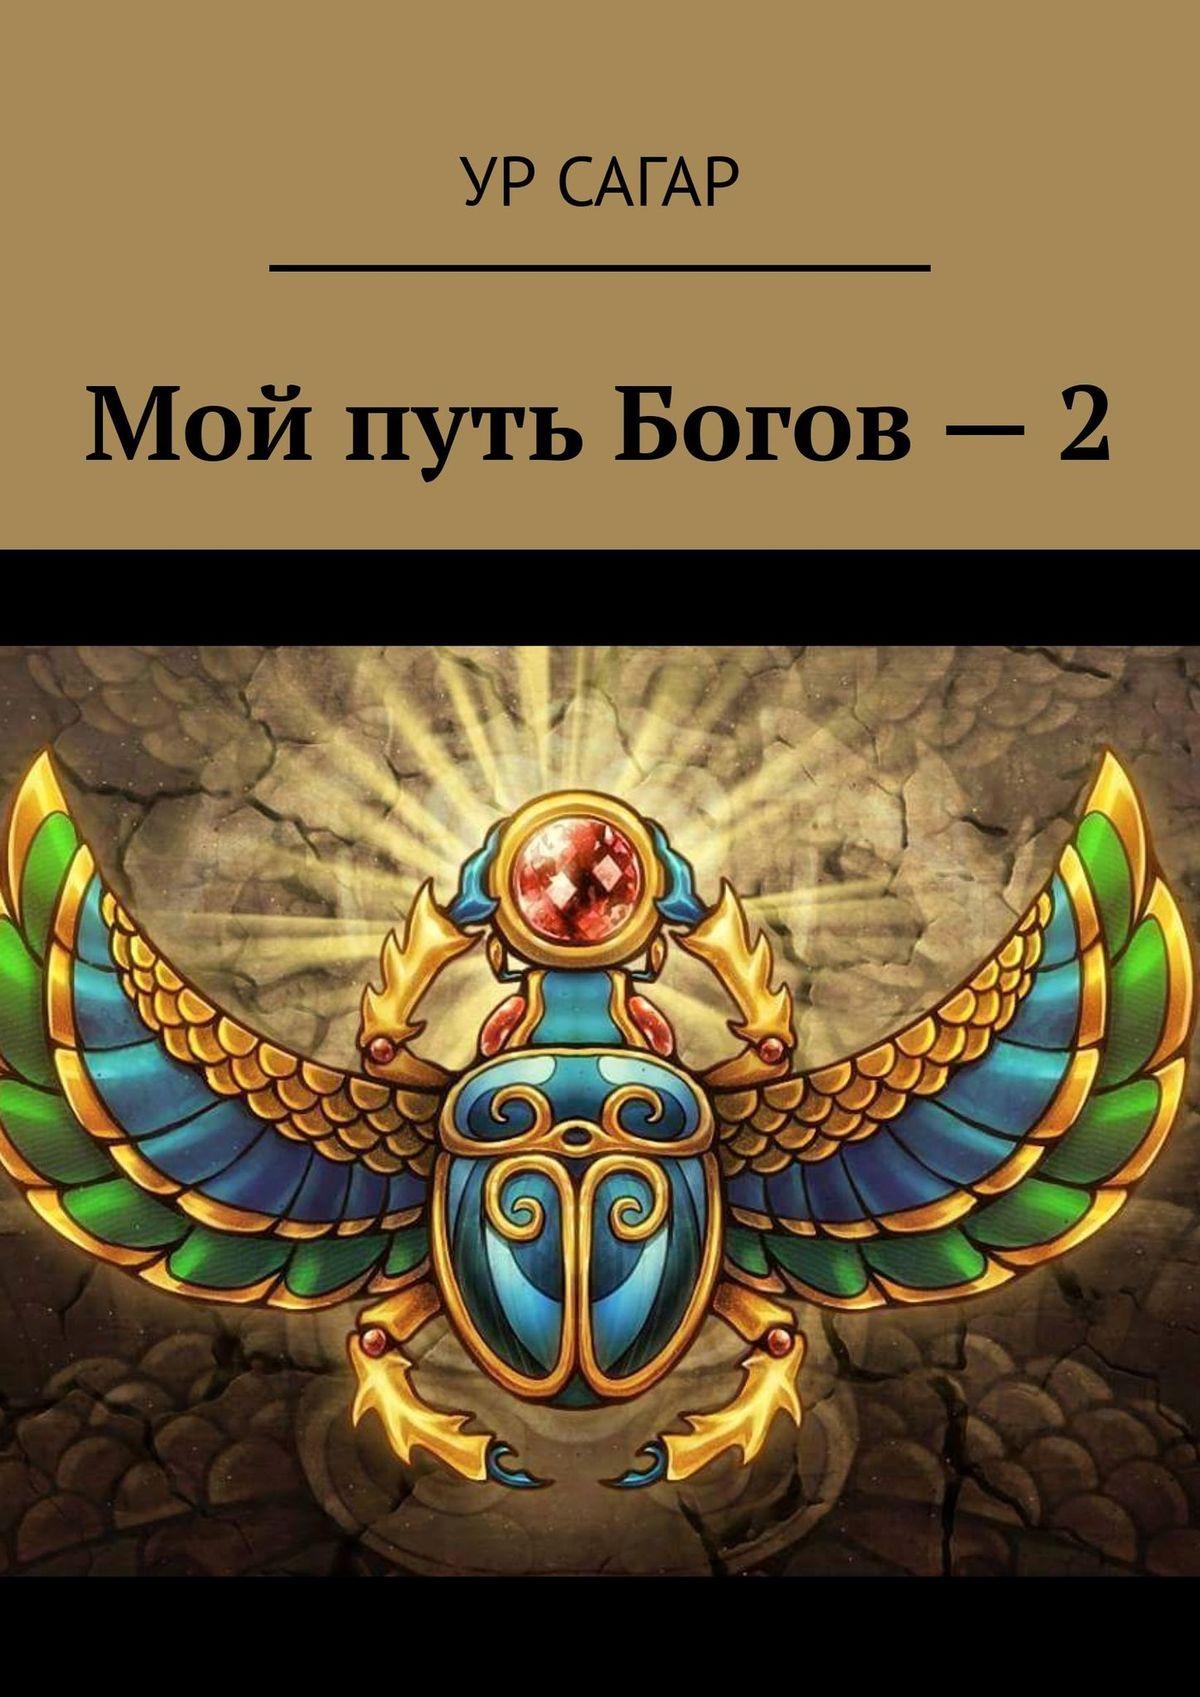 Мой путь Богов 2. Ур Сагар. ISBN: 9785005032126